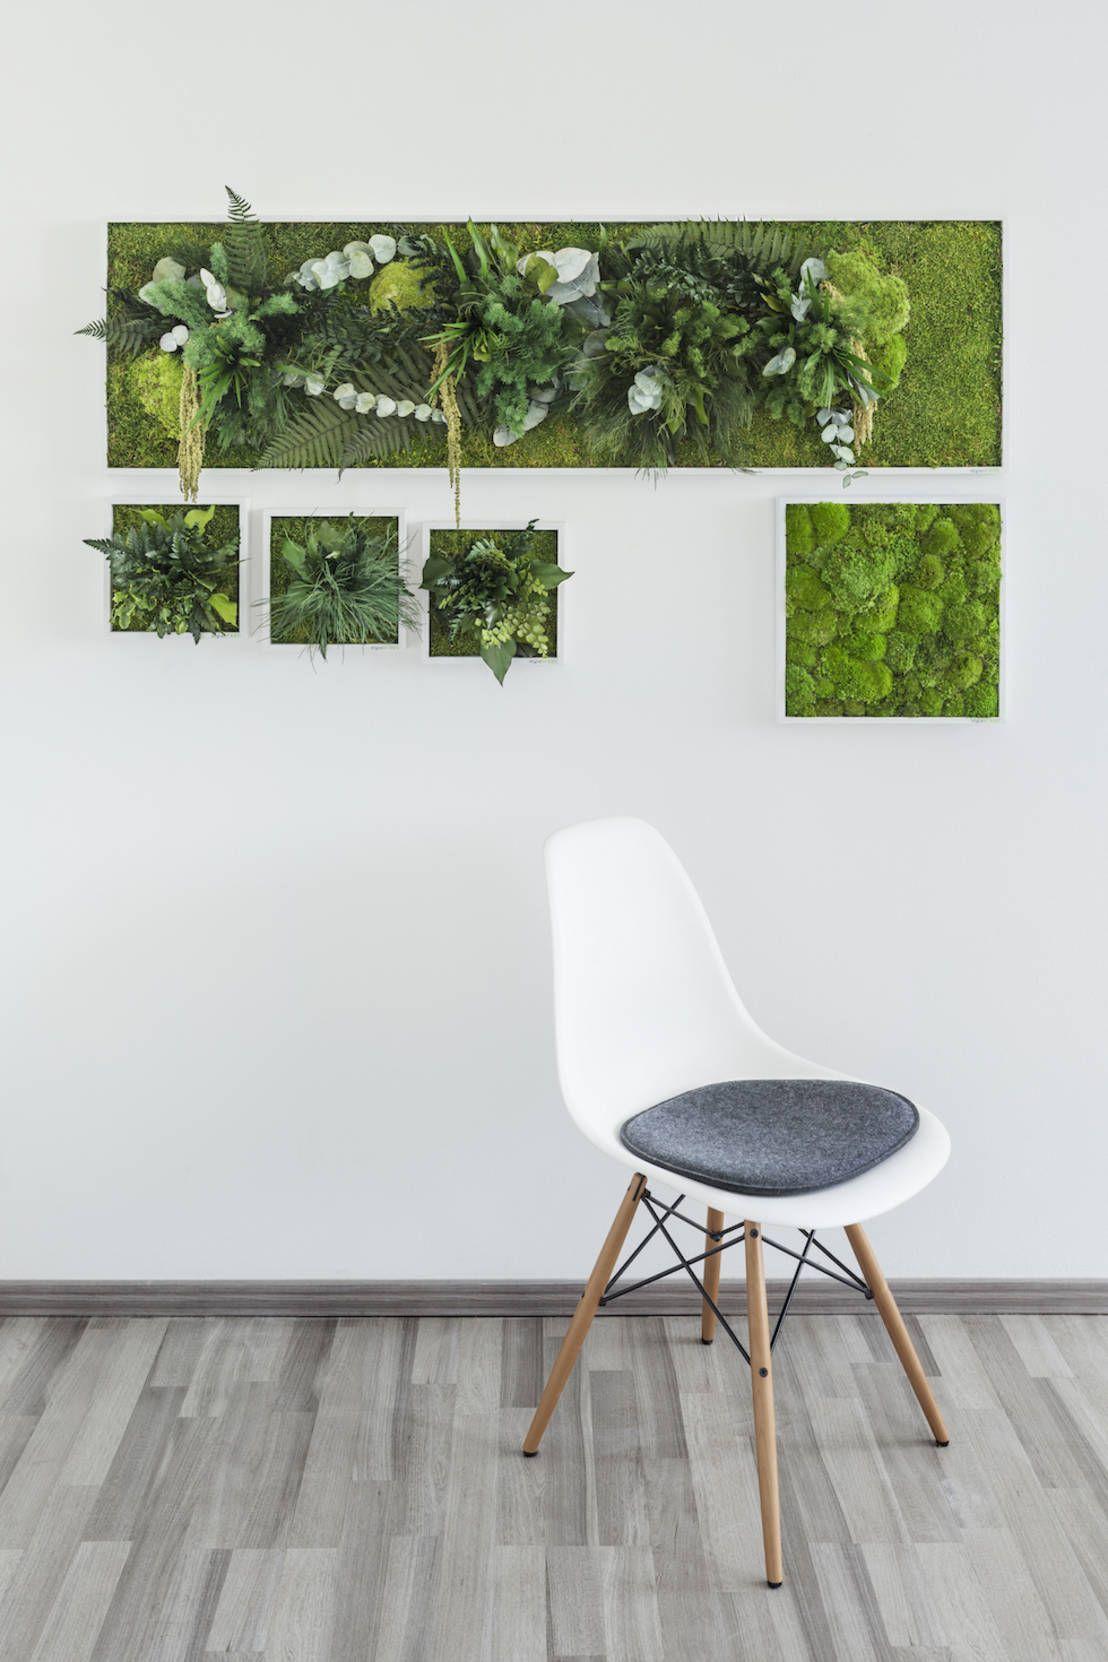 Finde Bau- und Einrichtungsprojekte von Experten für Ideen & Inspiration. Vorstellung unserer Produkte: Pflanzen- und Moosbilder von styleGREEN von FlowerArt GmbH | styleGREEN | homify